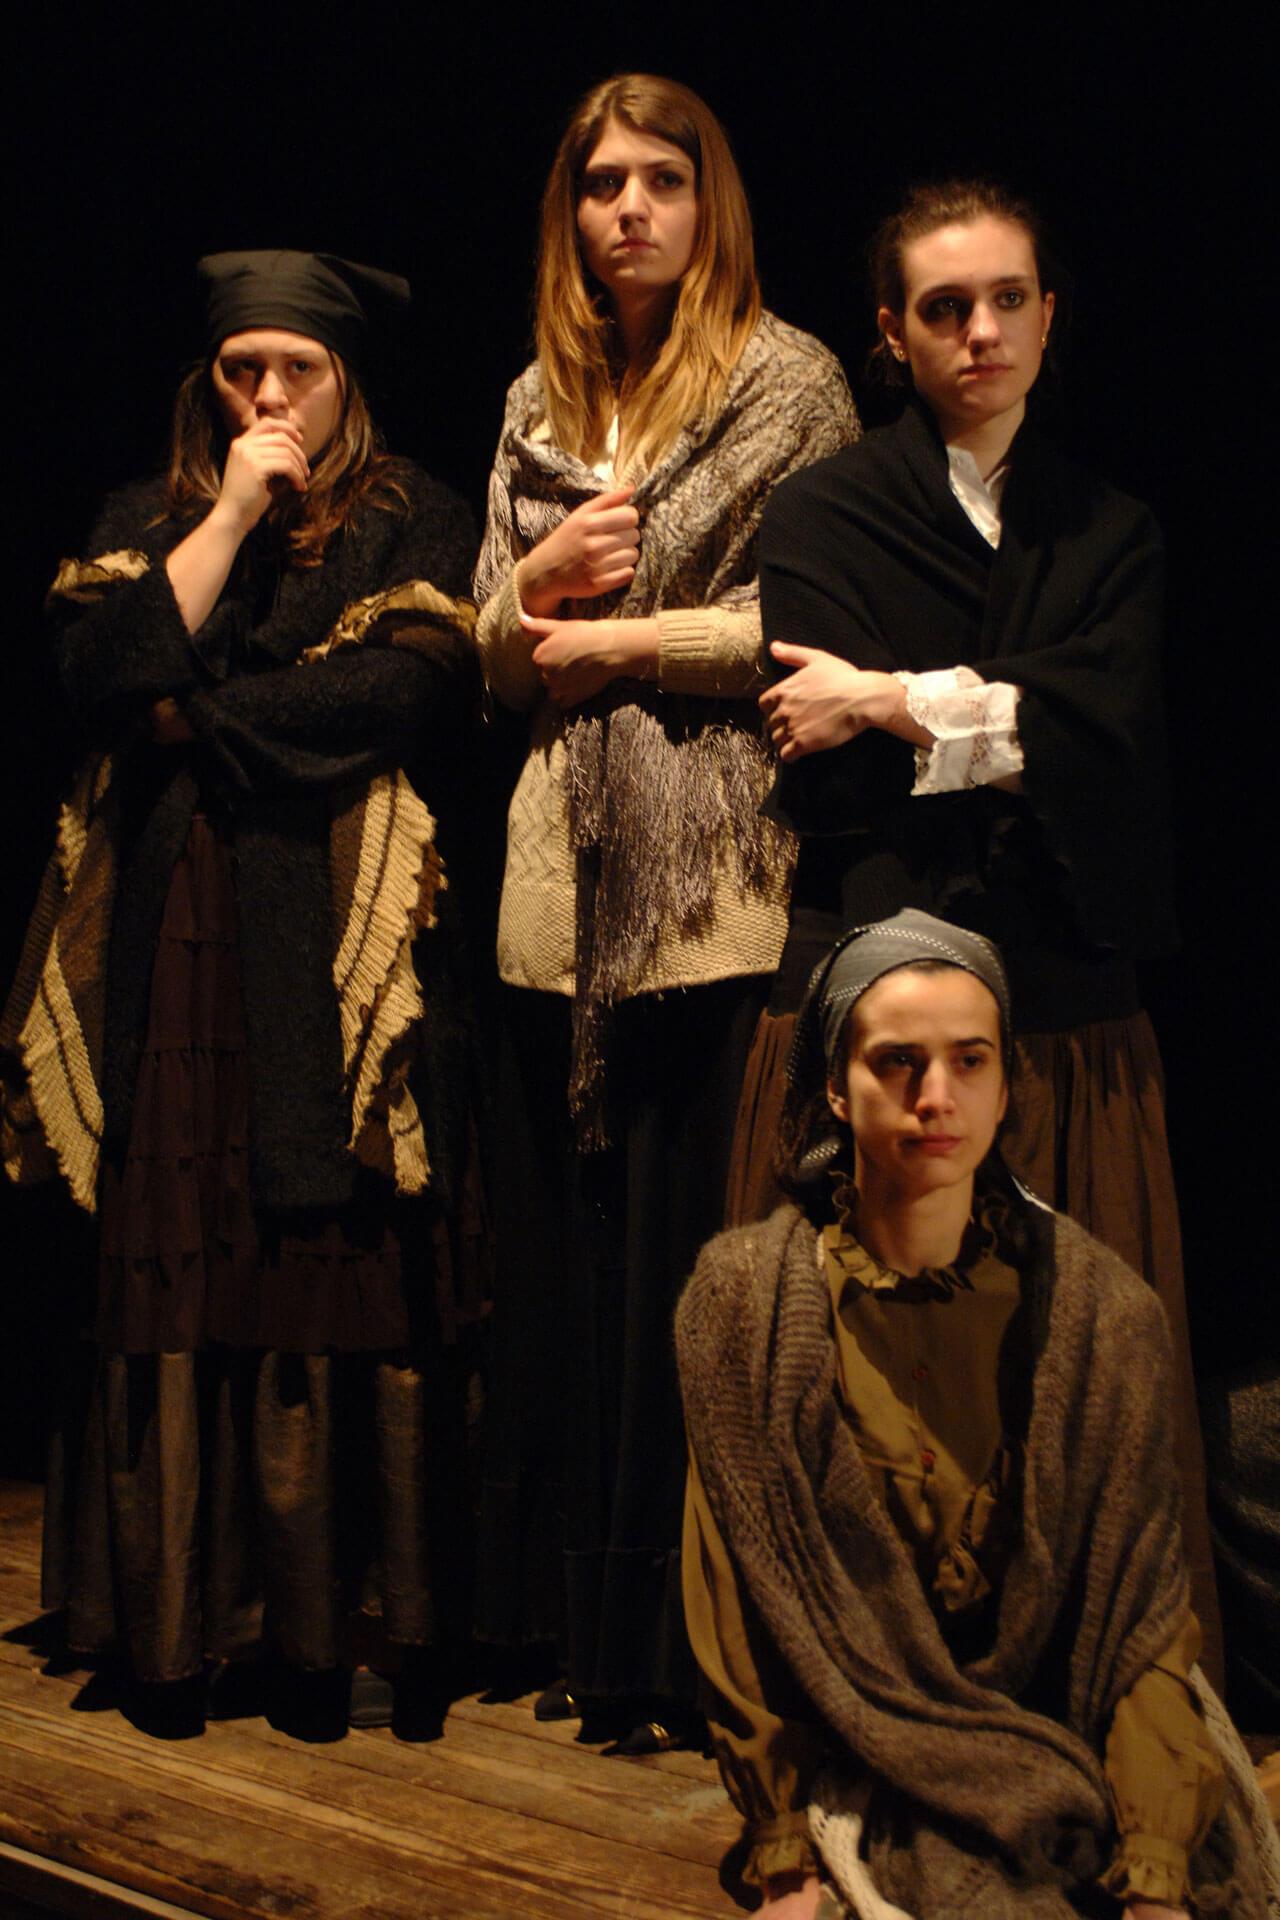 gruppo-teatro-colli-sacco-e-vanzetti-2009-8